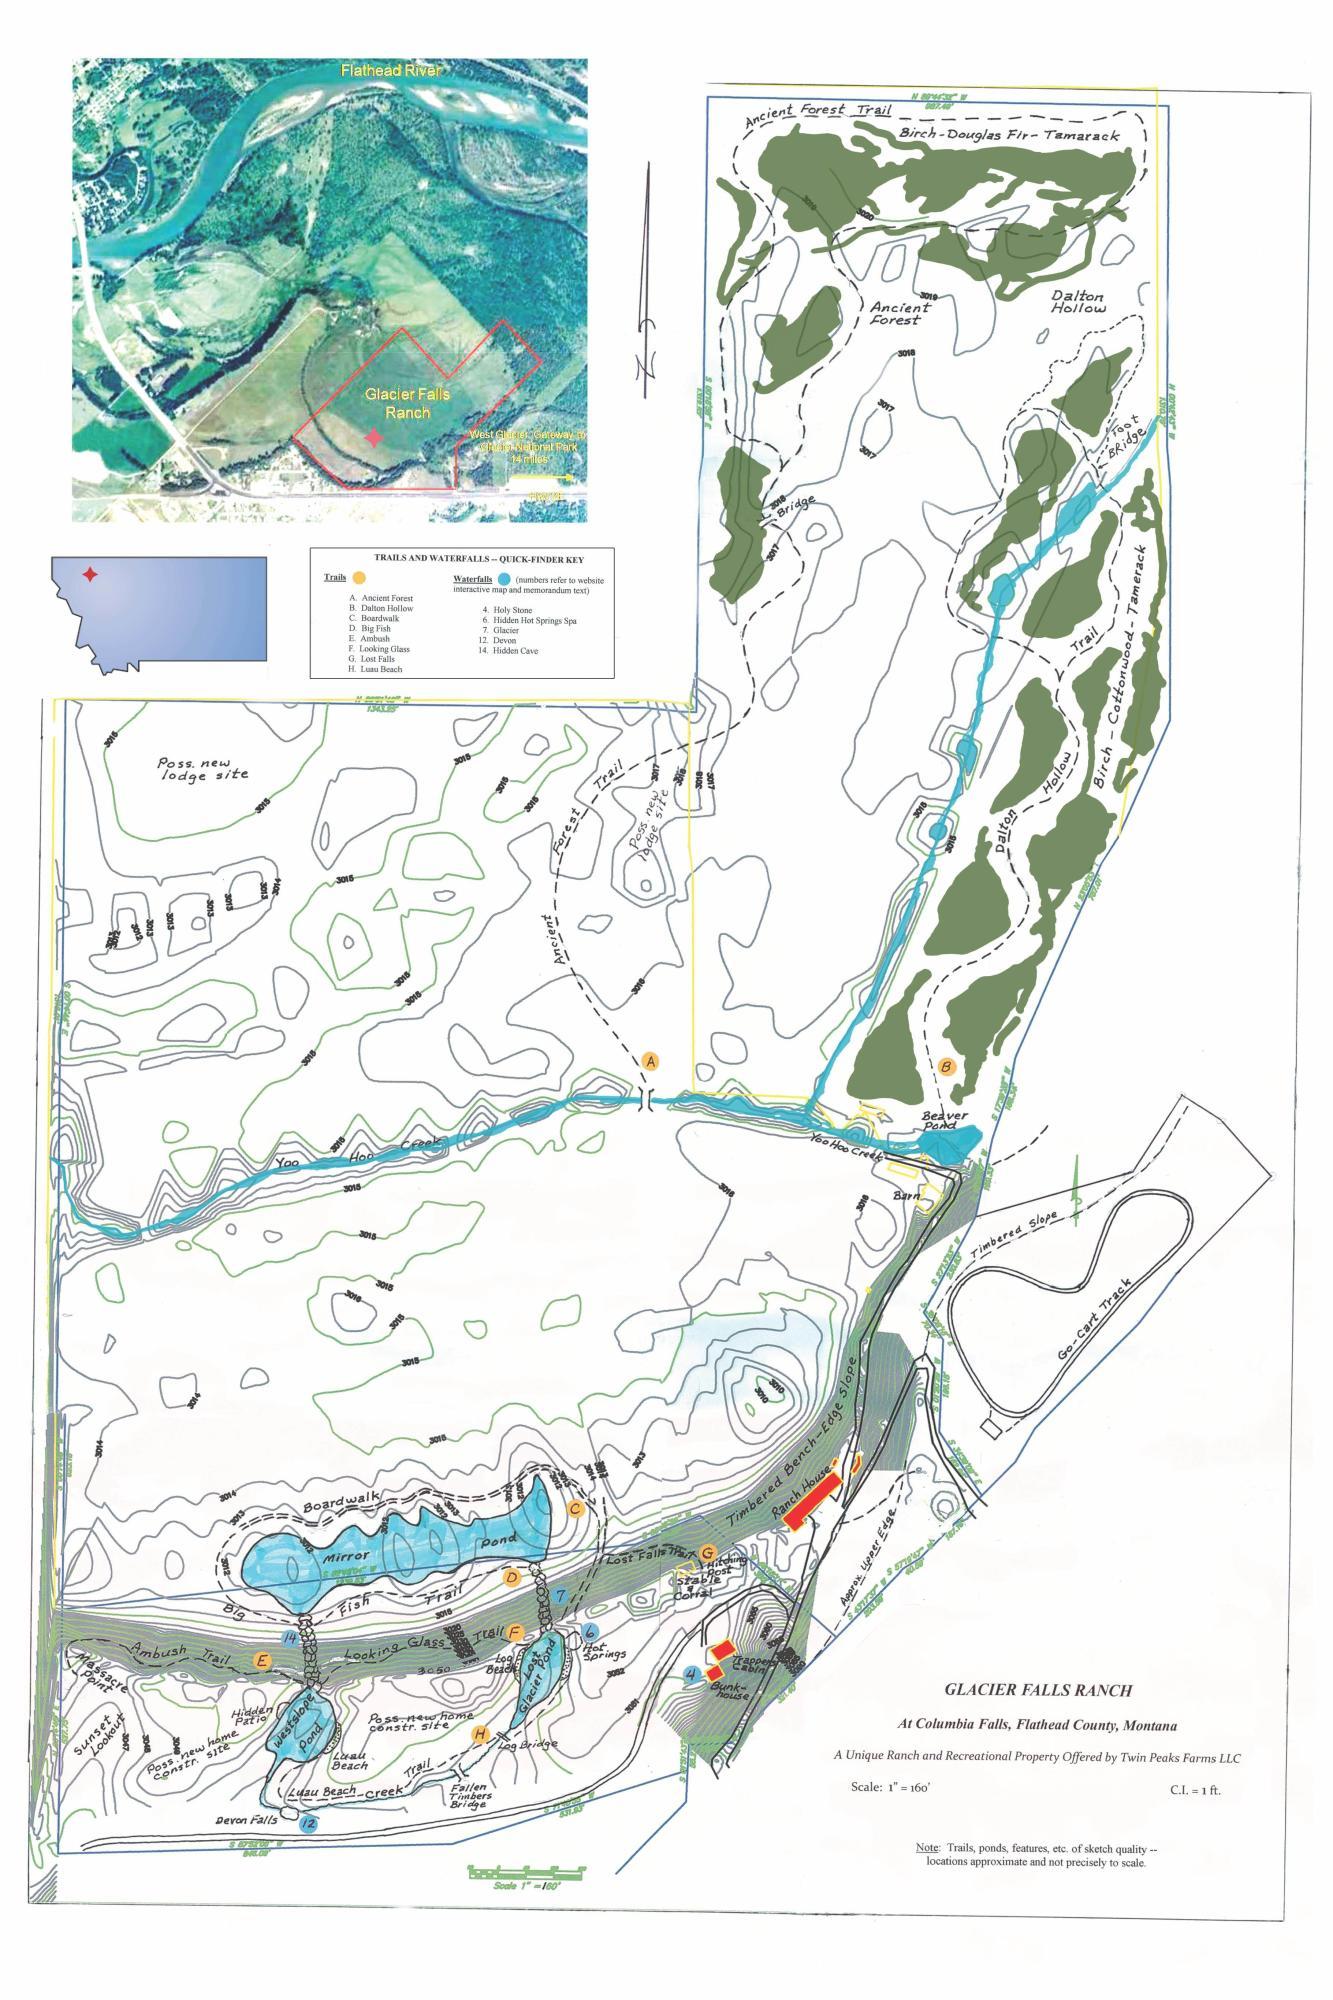 7450 Hwy 2 E, Columbia Falls, MT 59912